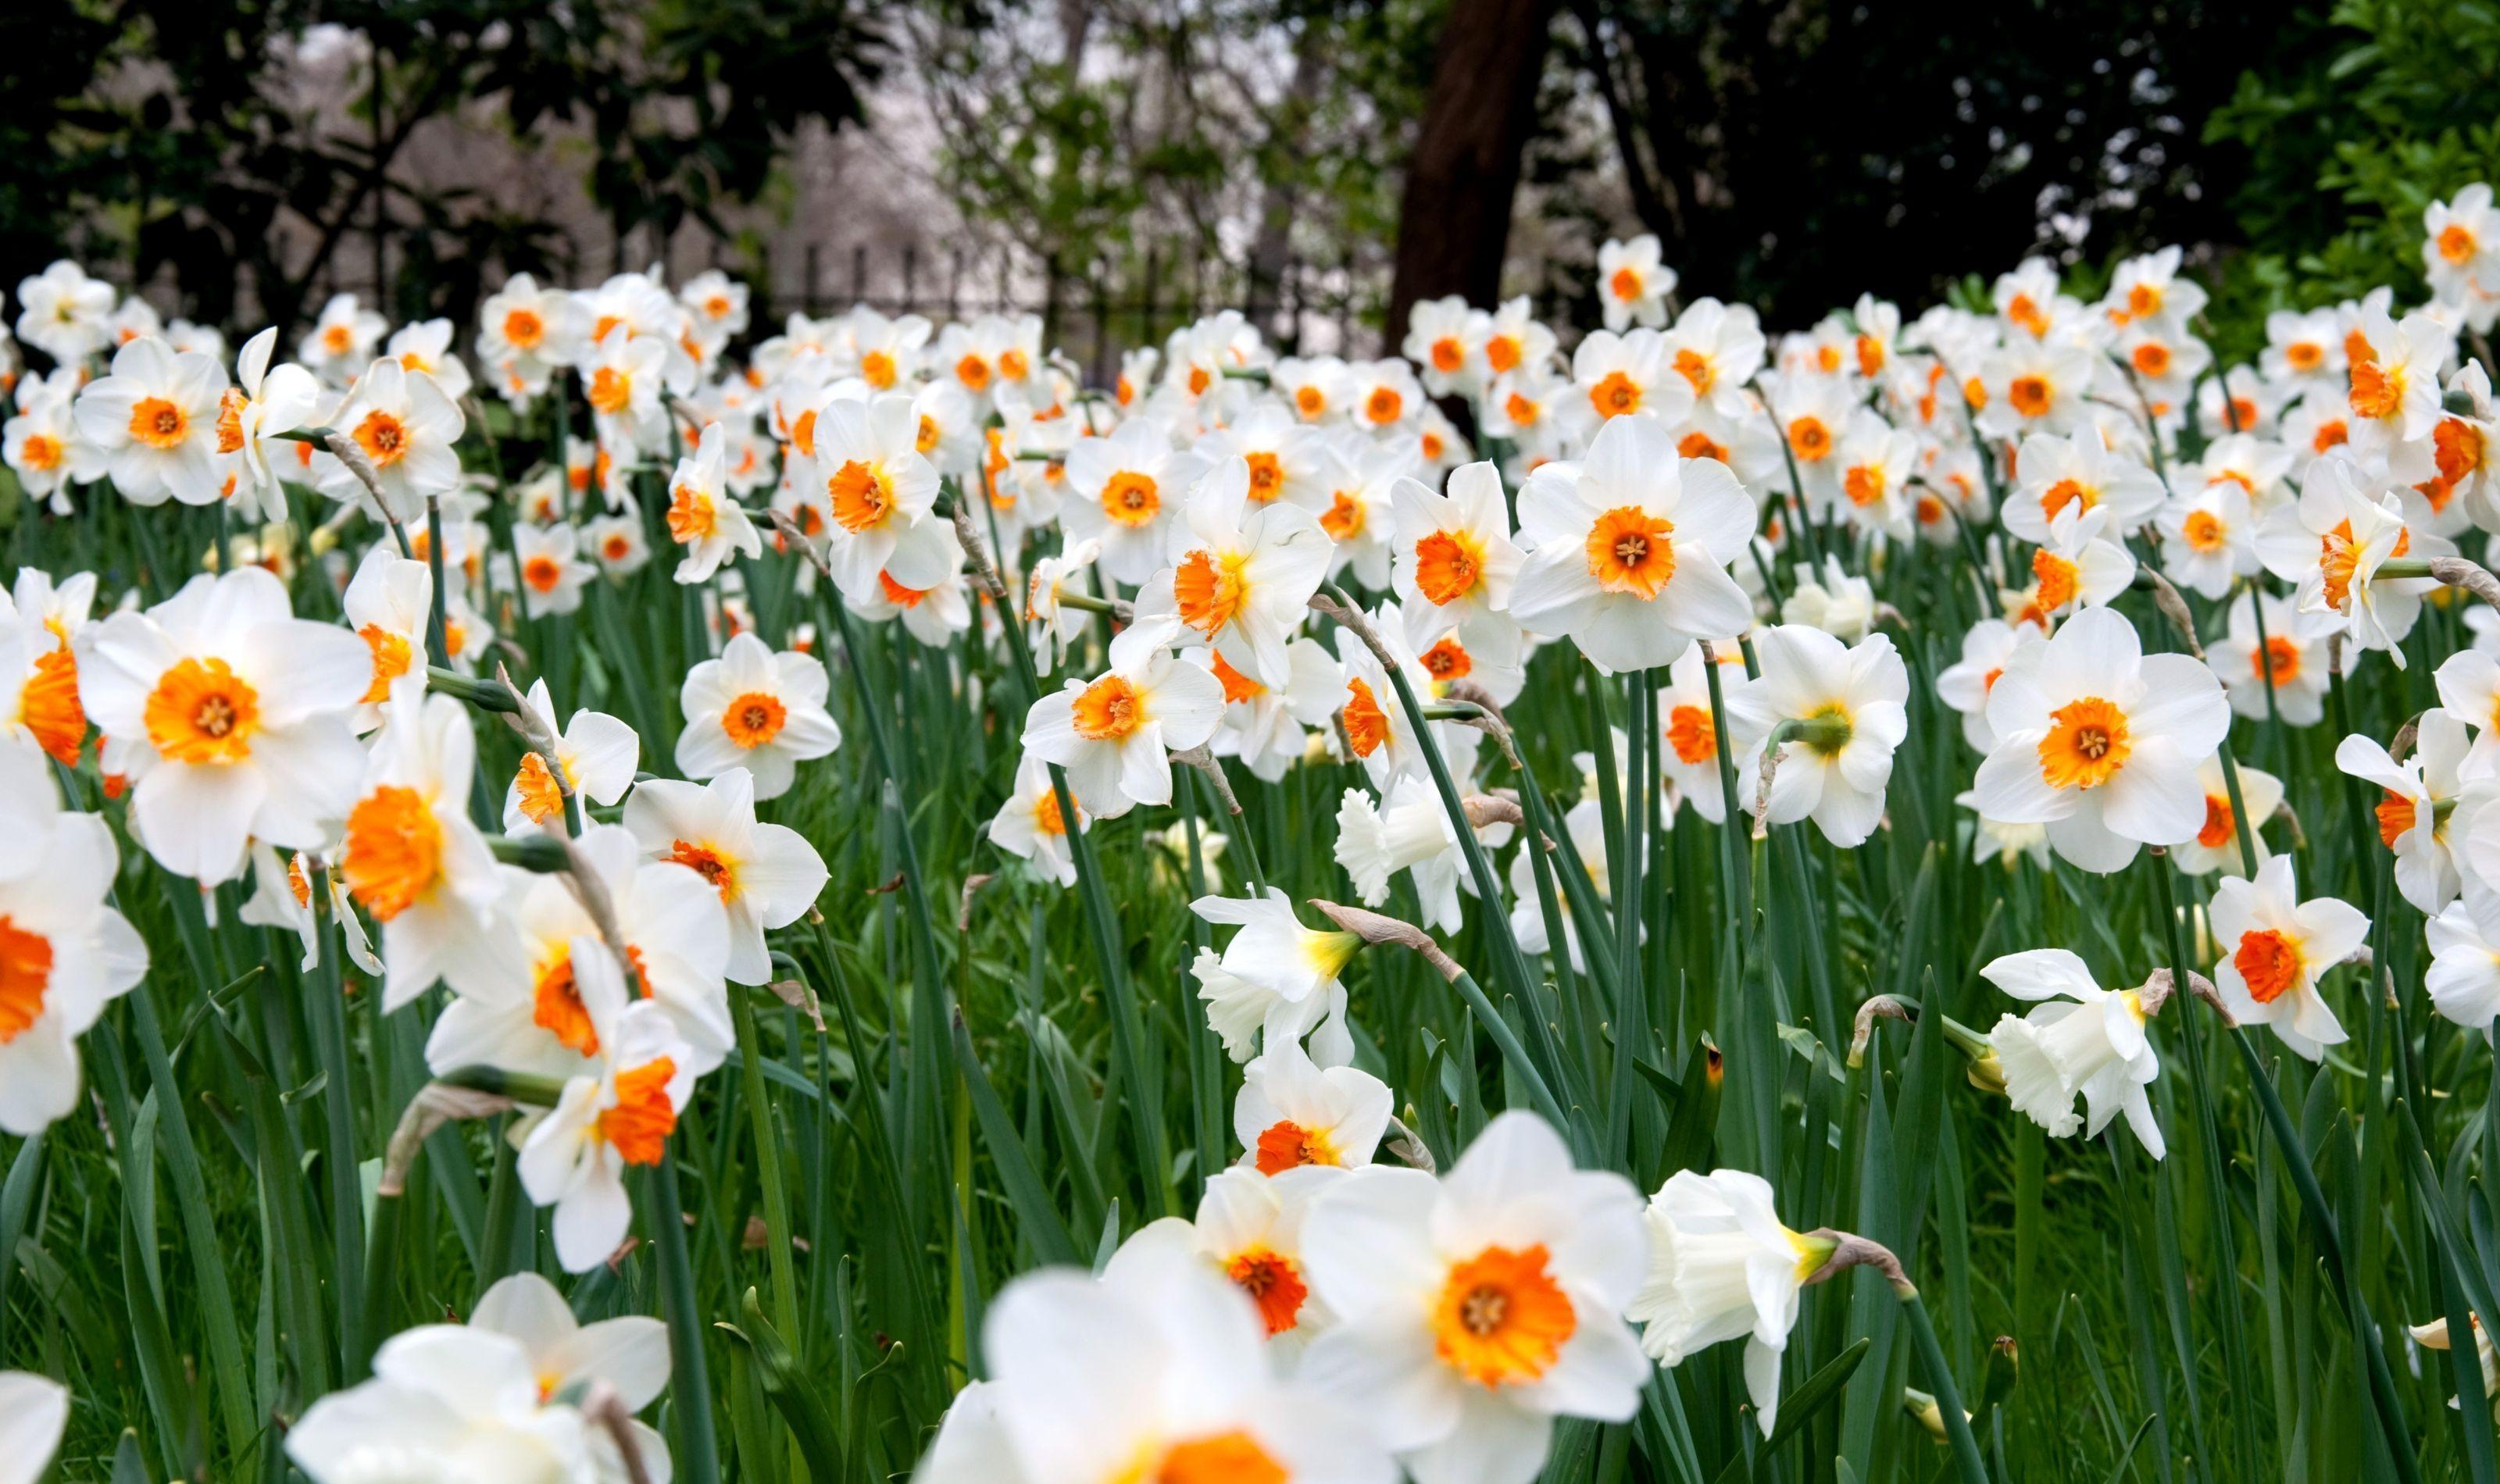 90667 Заставки и Обои Нарциссы на телефон. Скачать Цветы, Нарциссы, Зелень, Весна, Лужайка картинки бесплатно